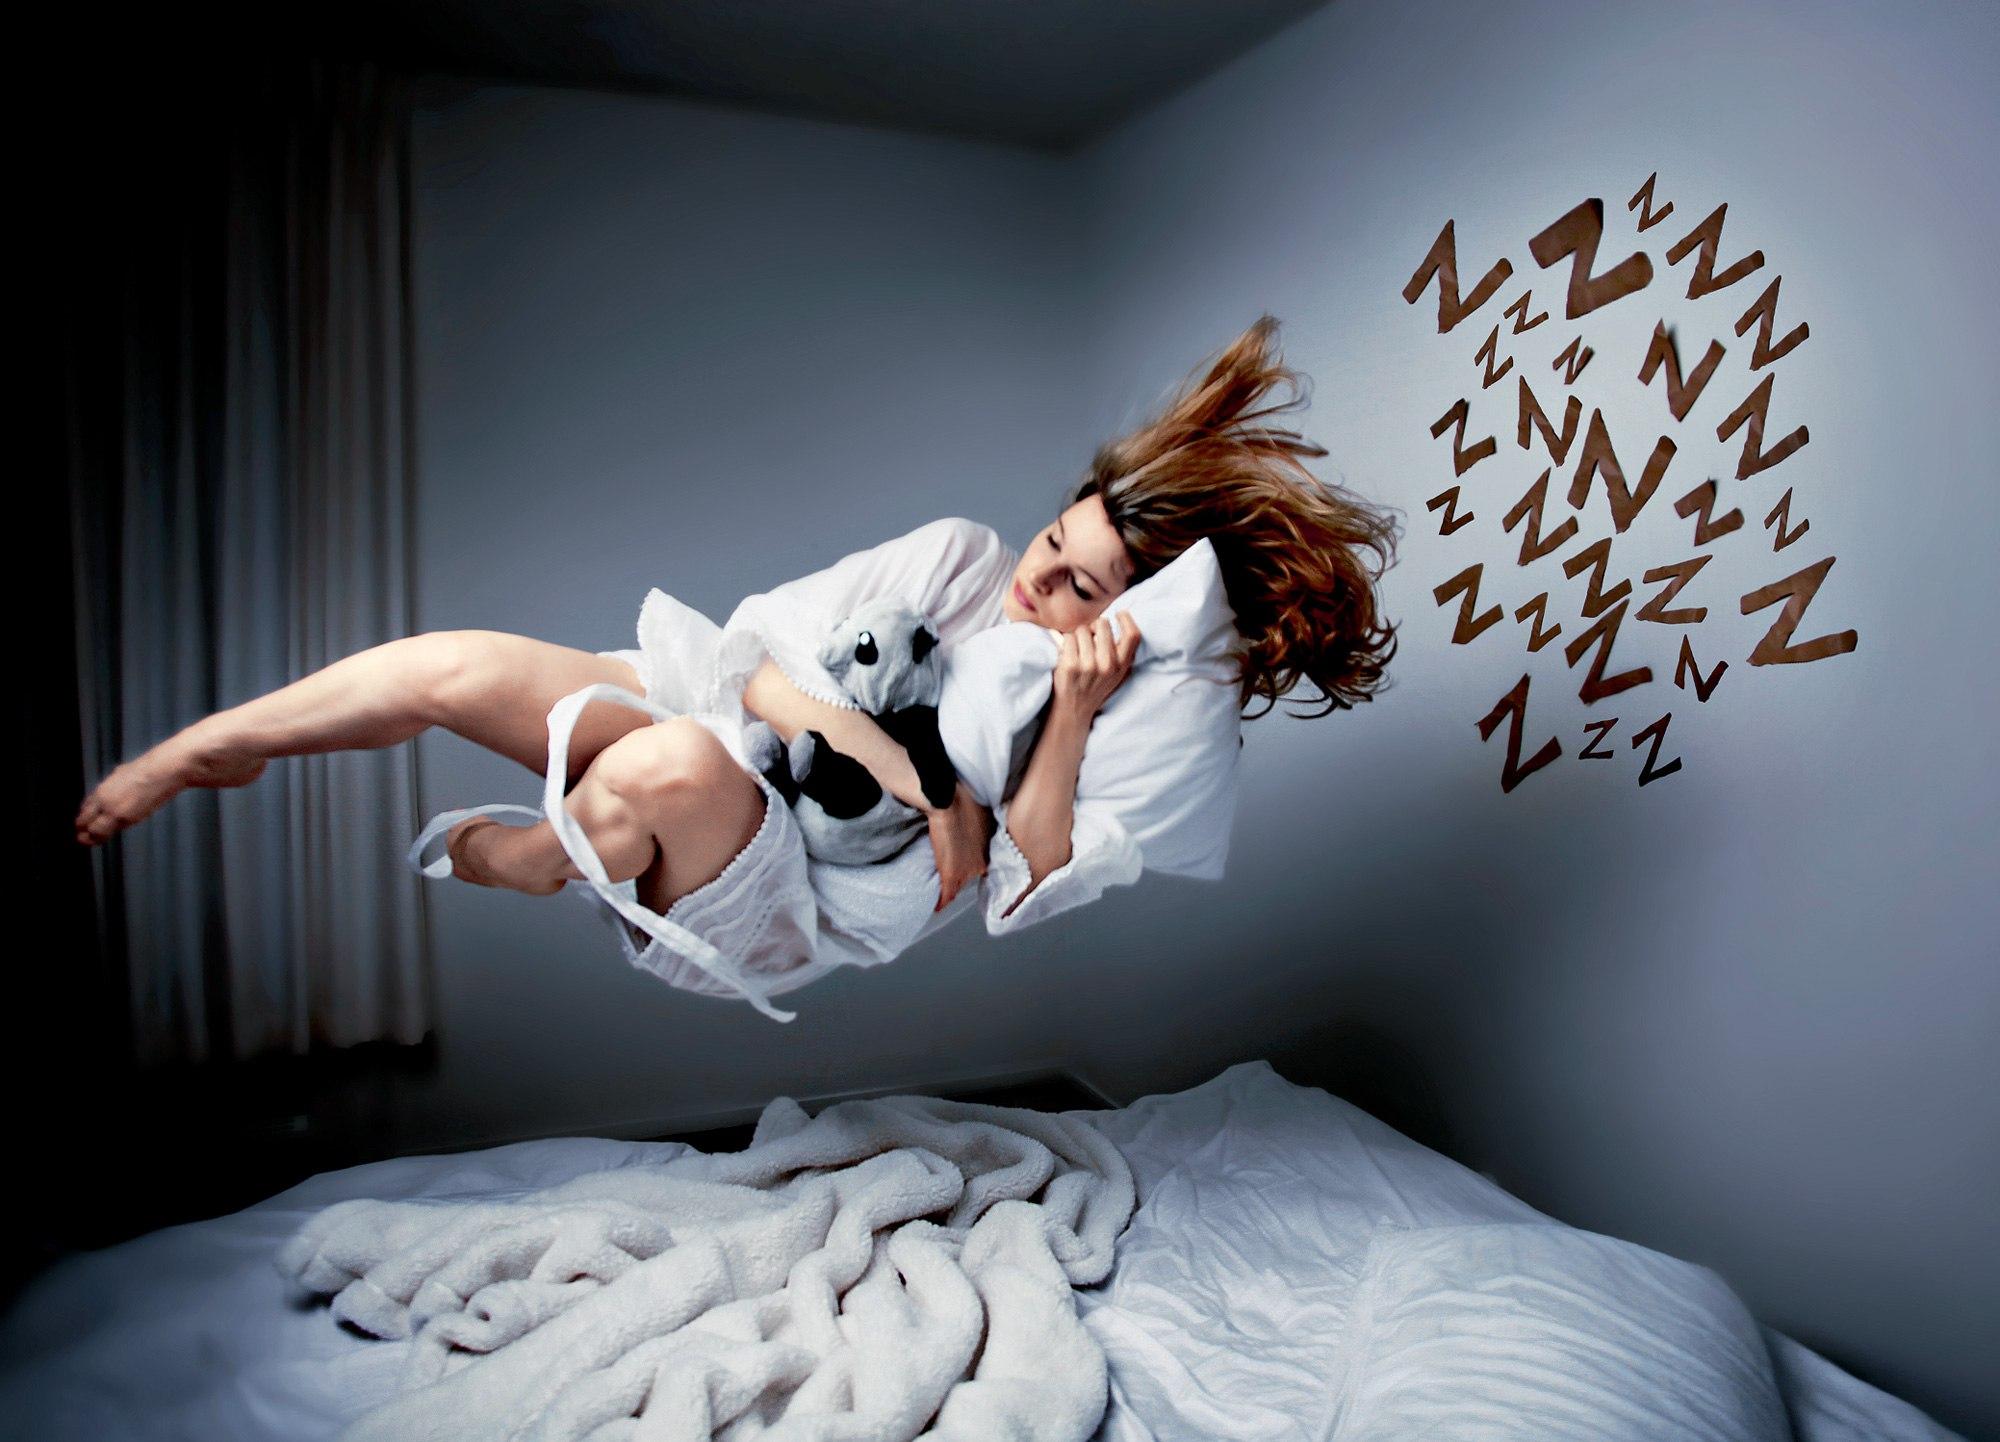 изображение необычные сны картинки для